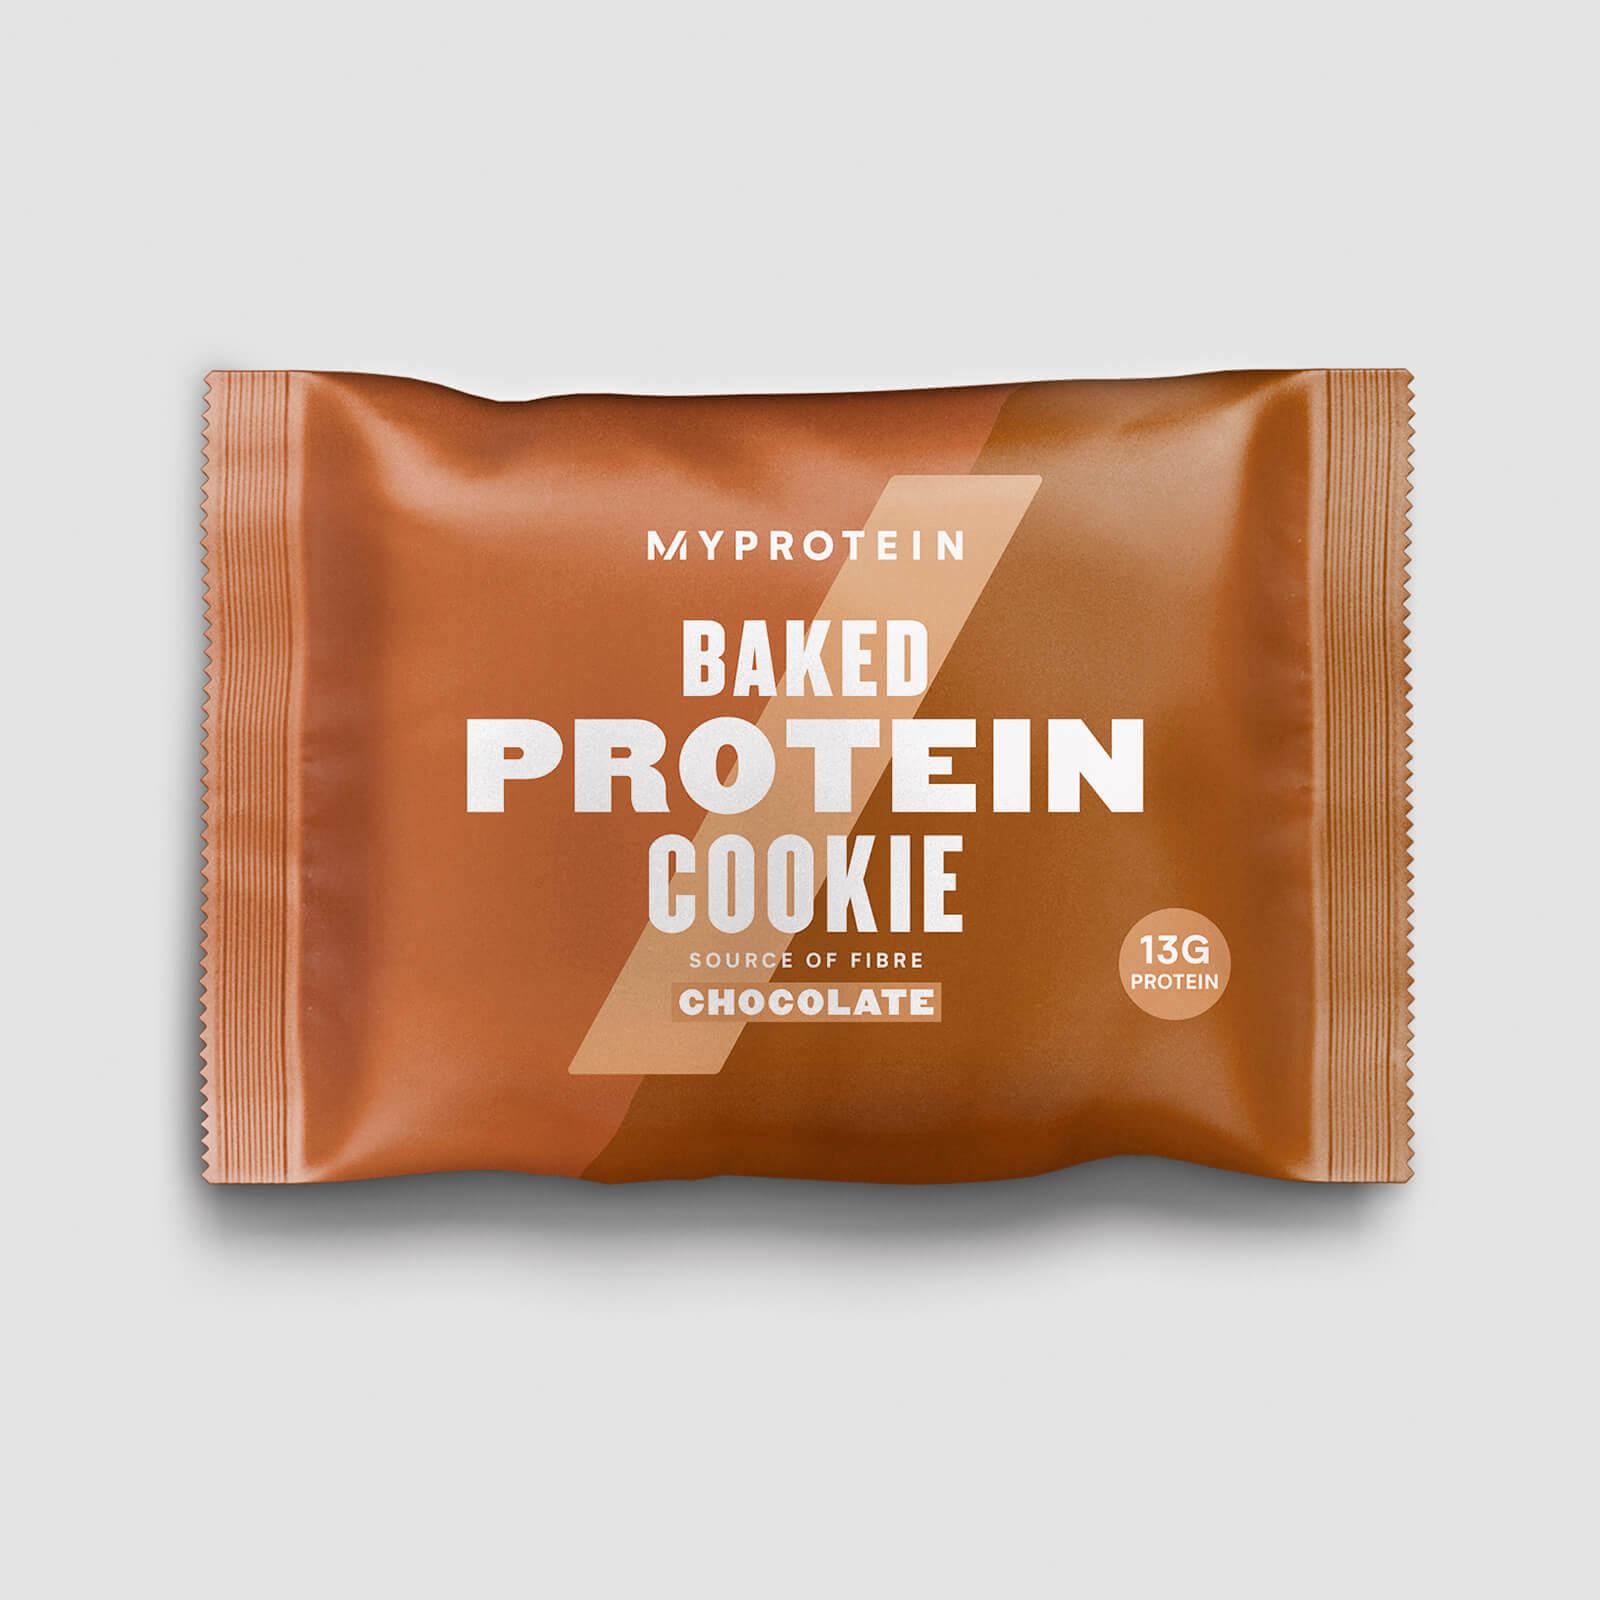 蛋白烘焙曲奇饼干